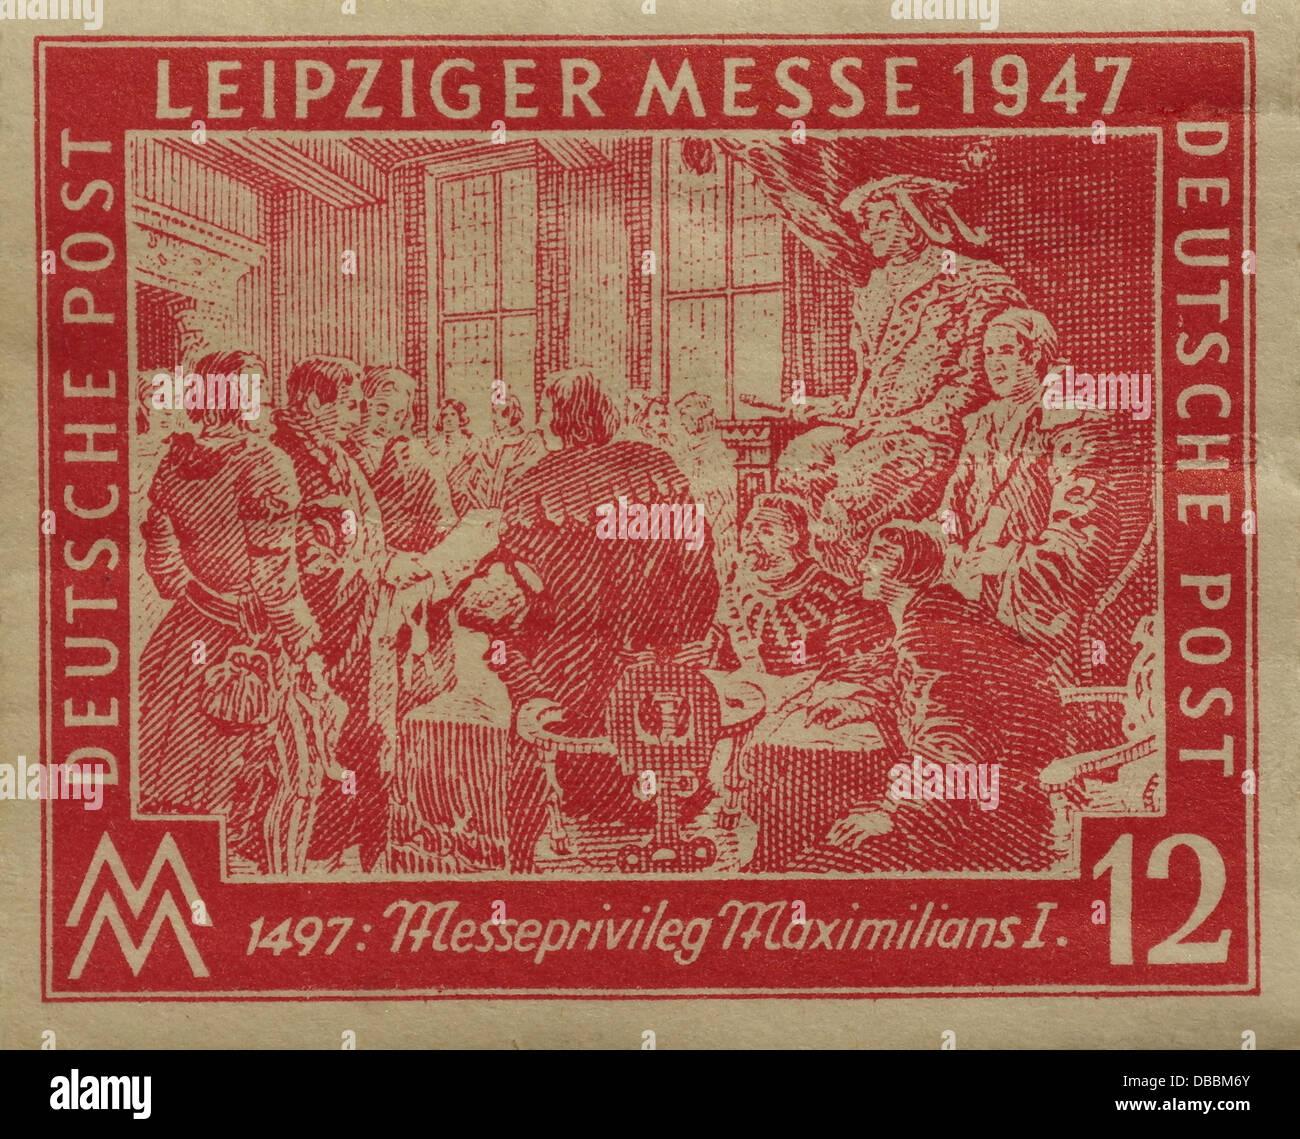 Rot 12 Pfennig Briefmarke Datiert 1947 Zeigt Kaiser Maximilian